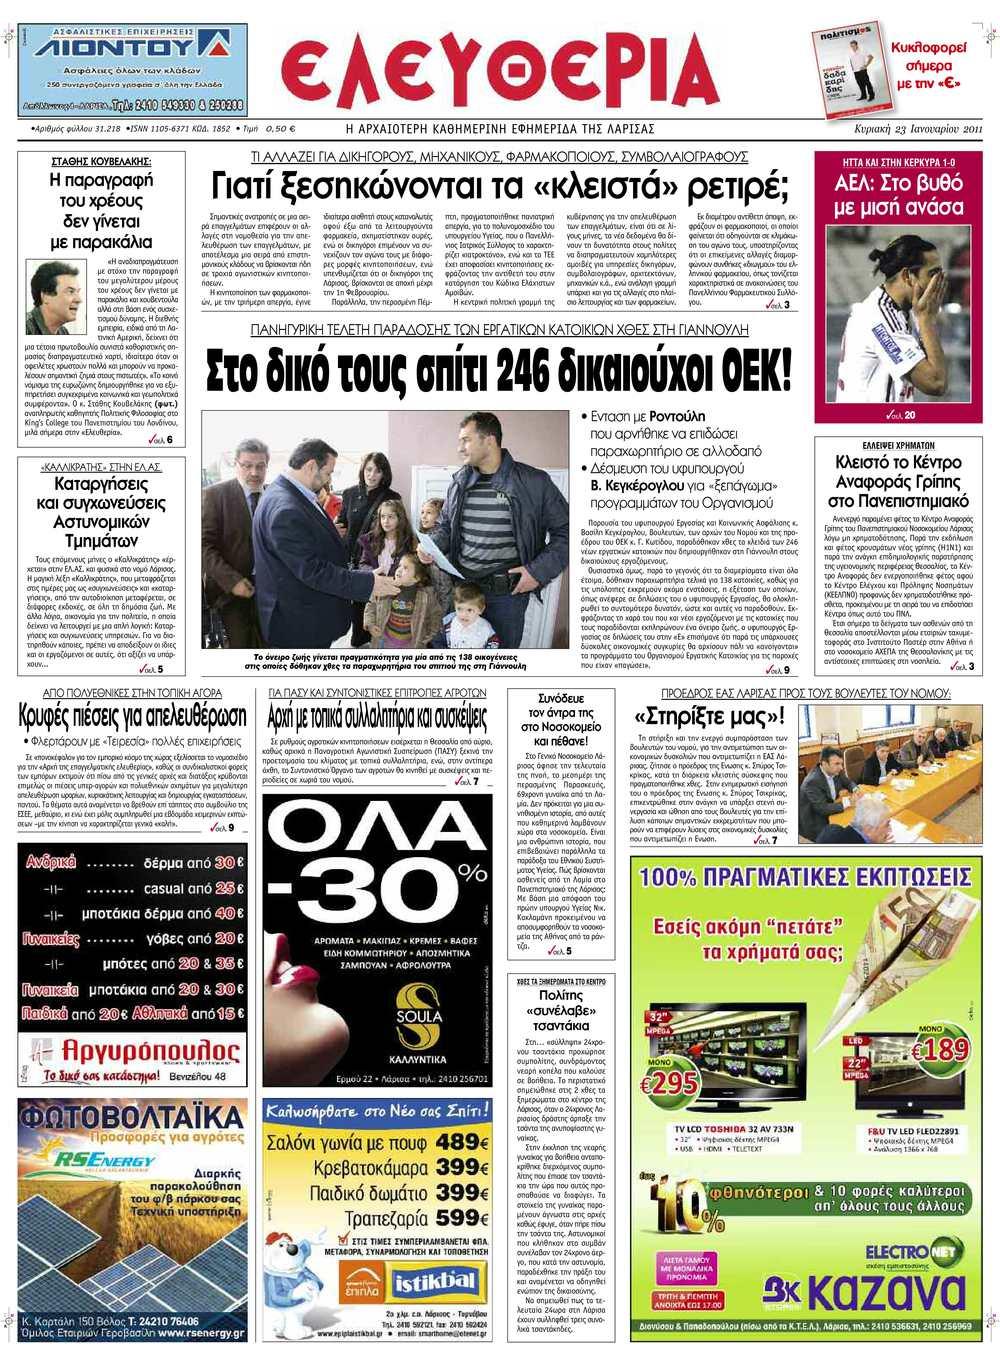 Calaméo - Eleftheria.gr 23 1 2011 e73bc79c09c